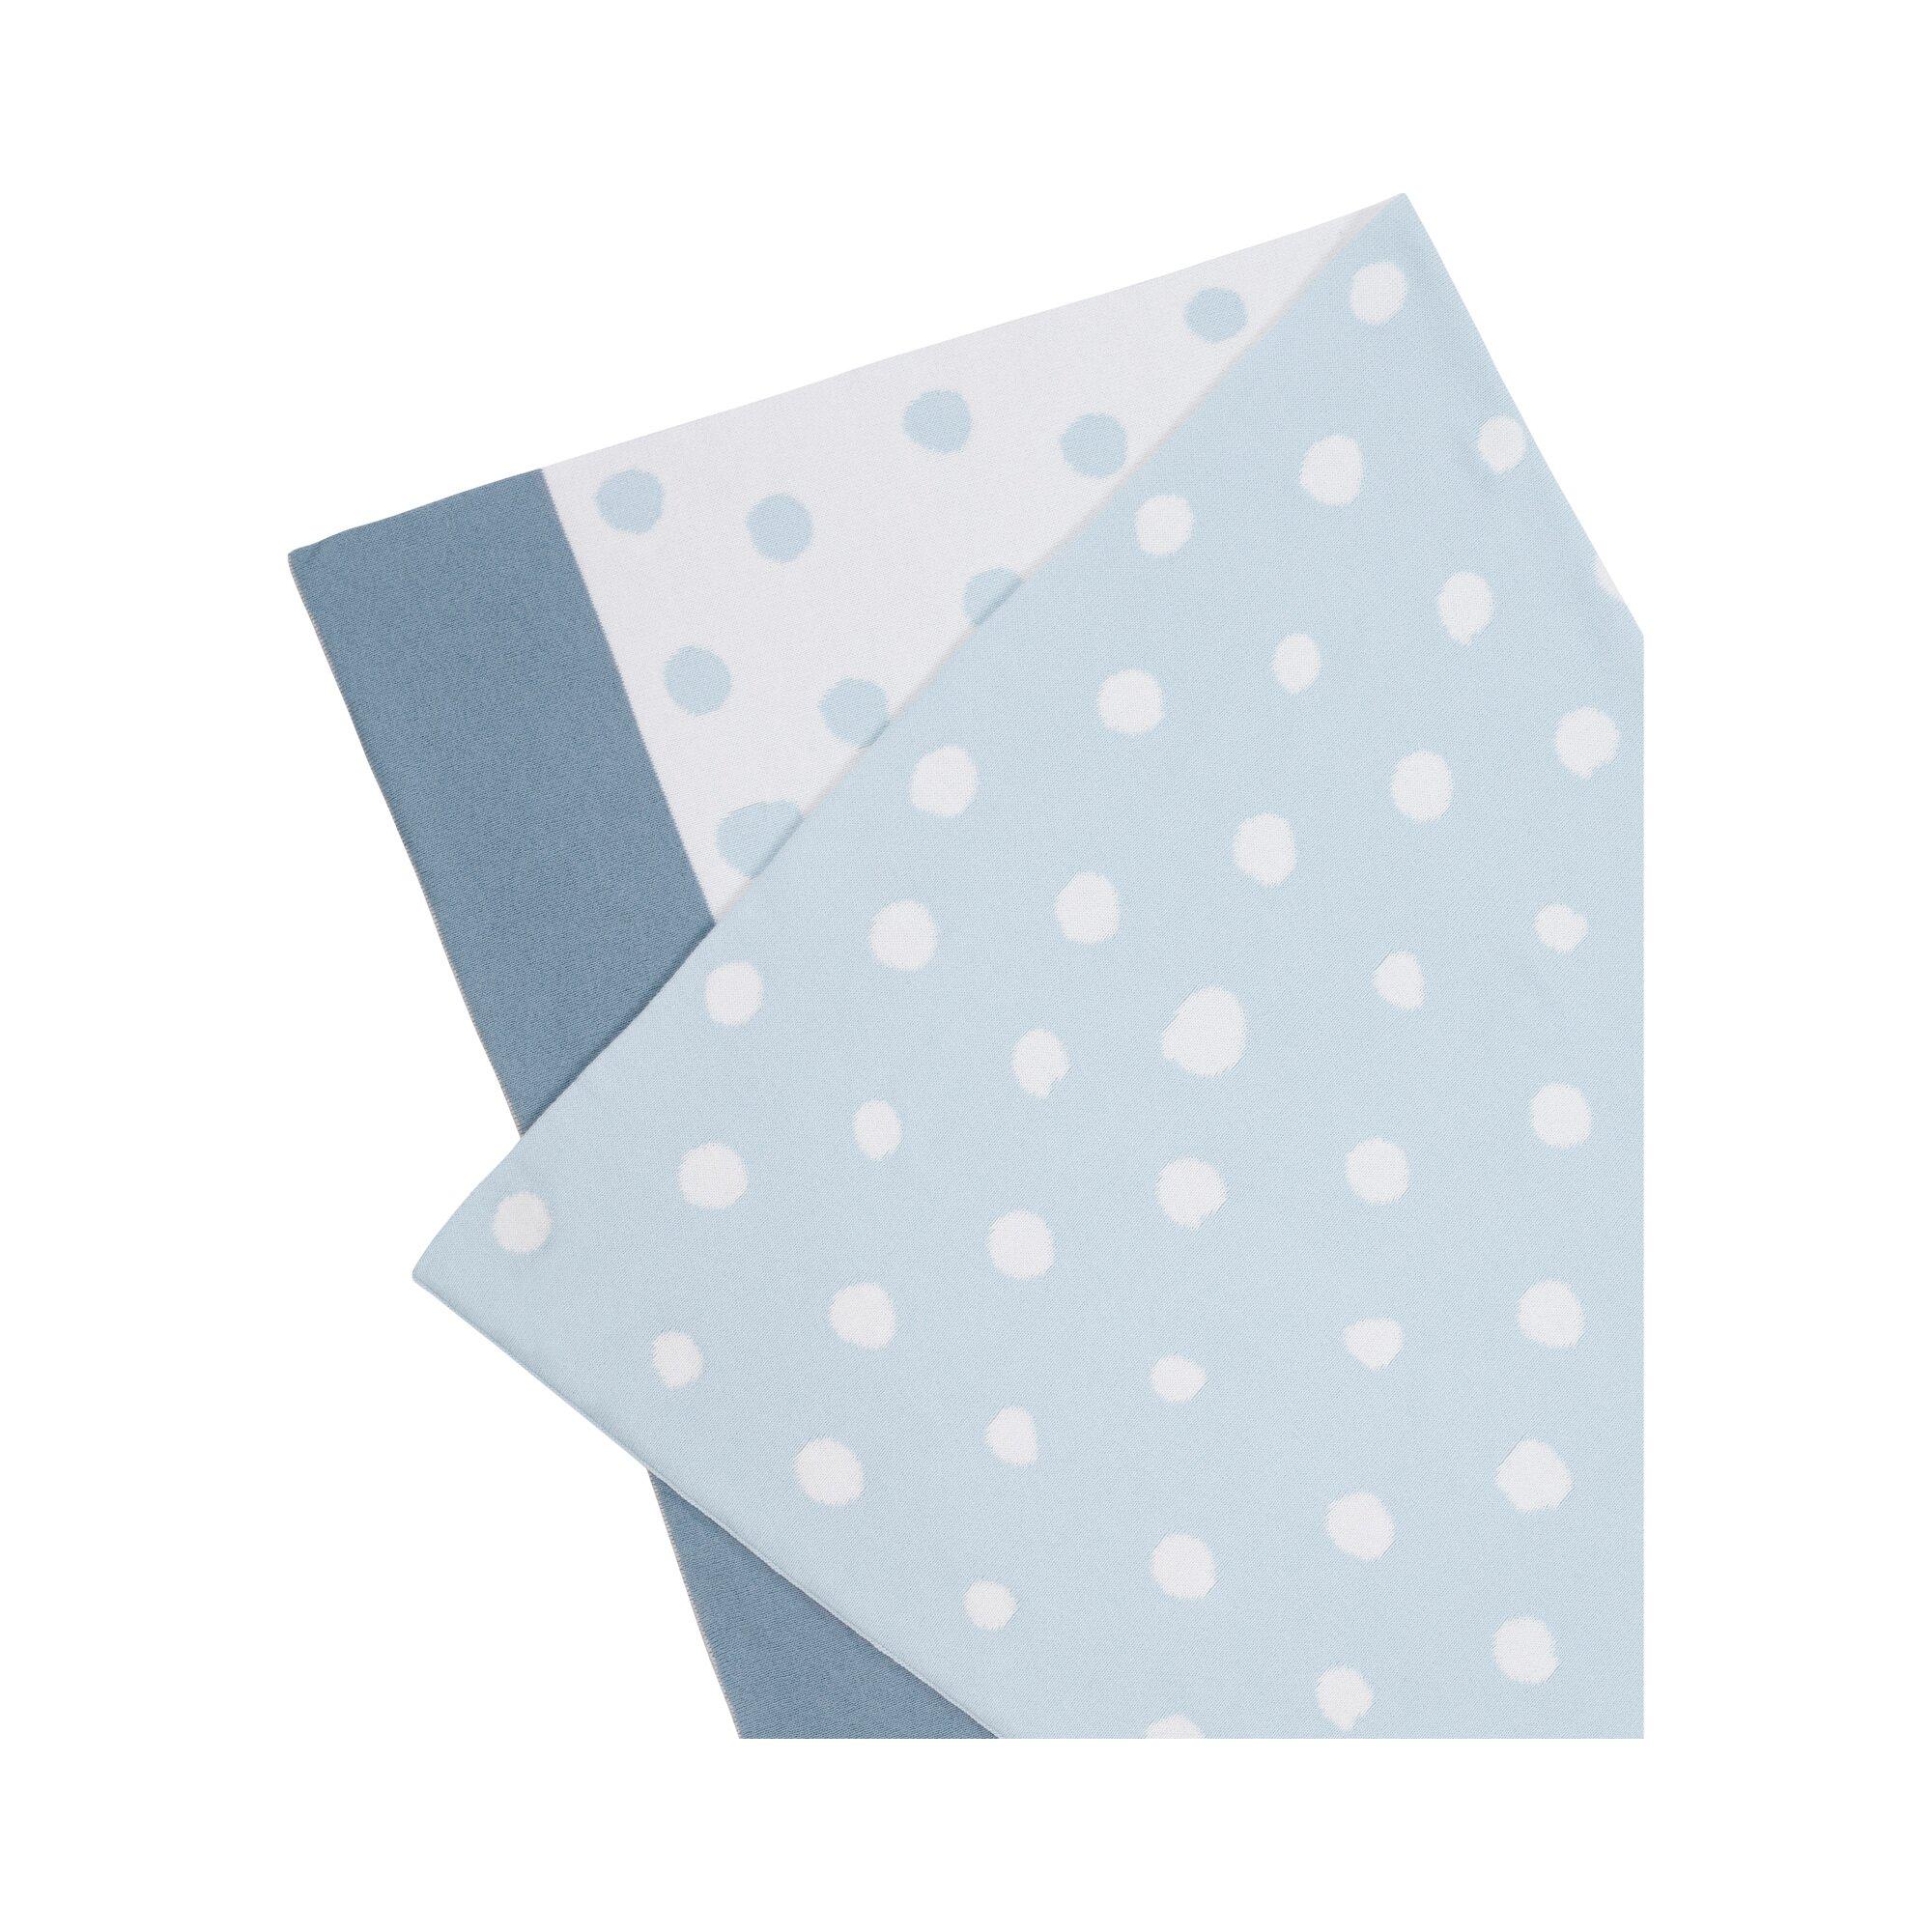 lassig-babydecke-lela-75x100-cm-blau